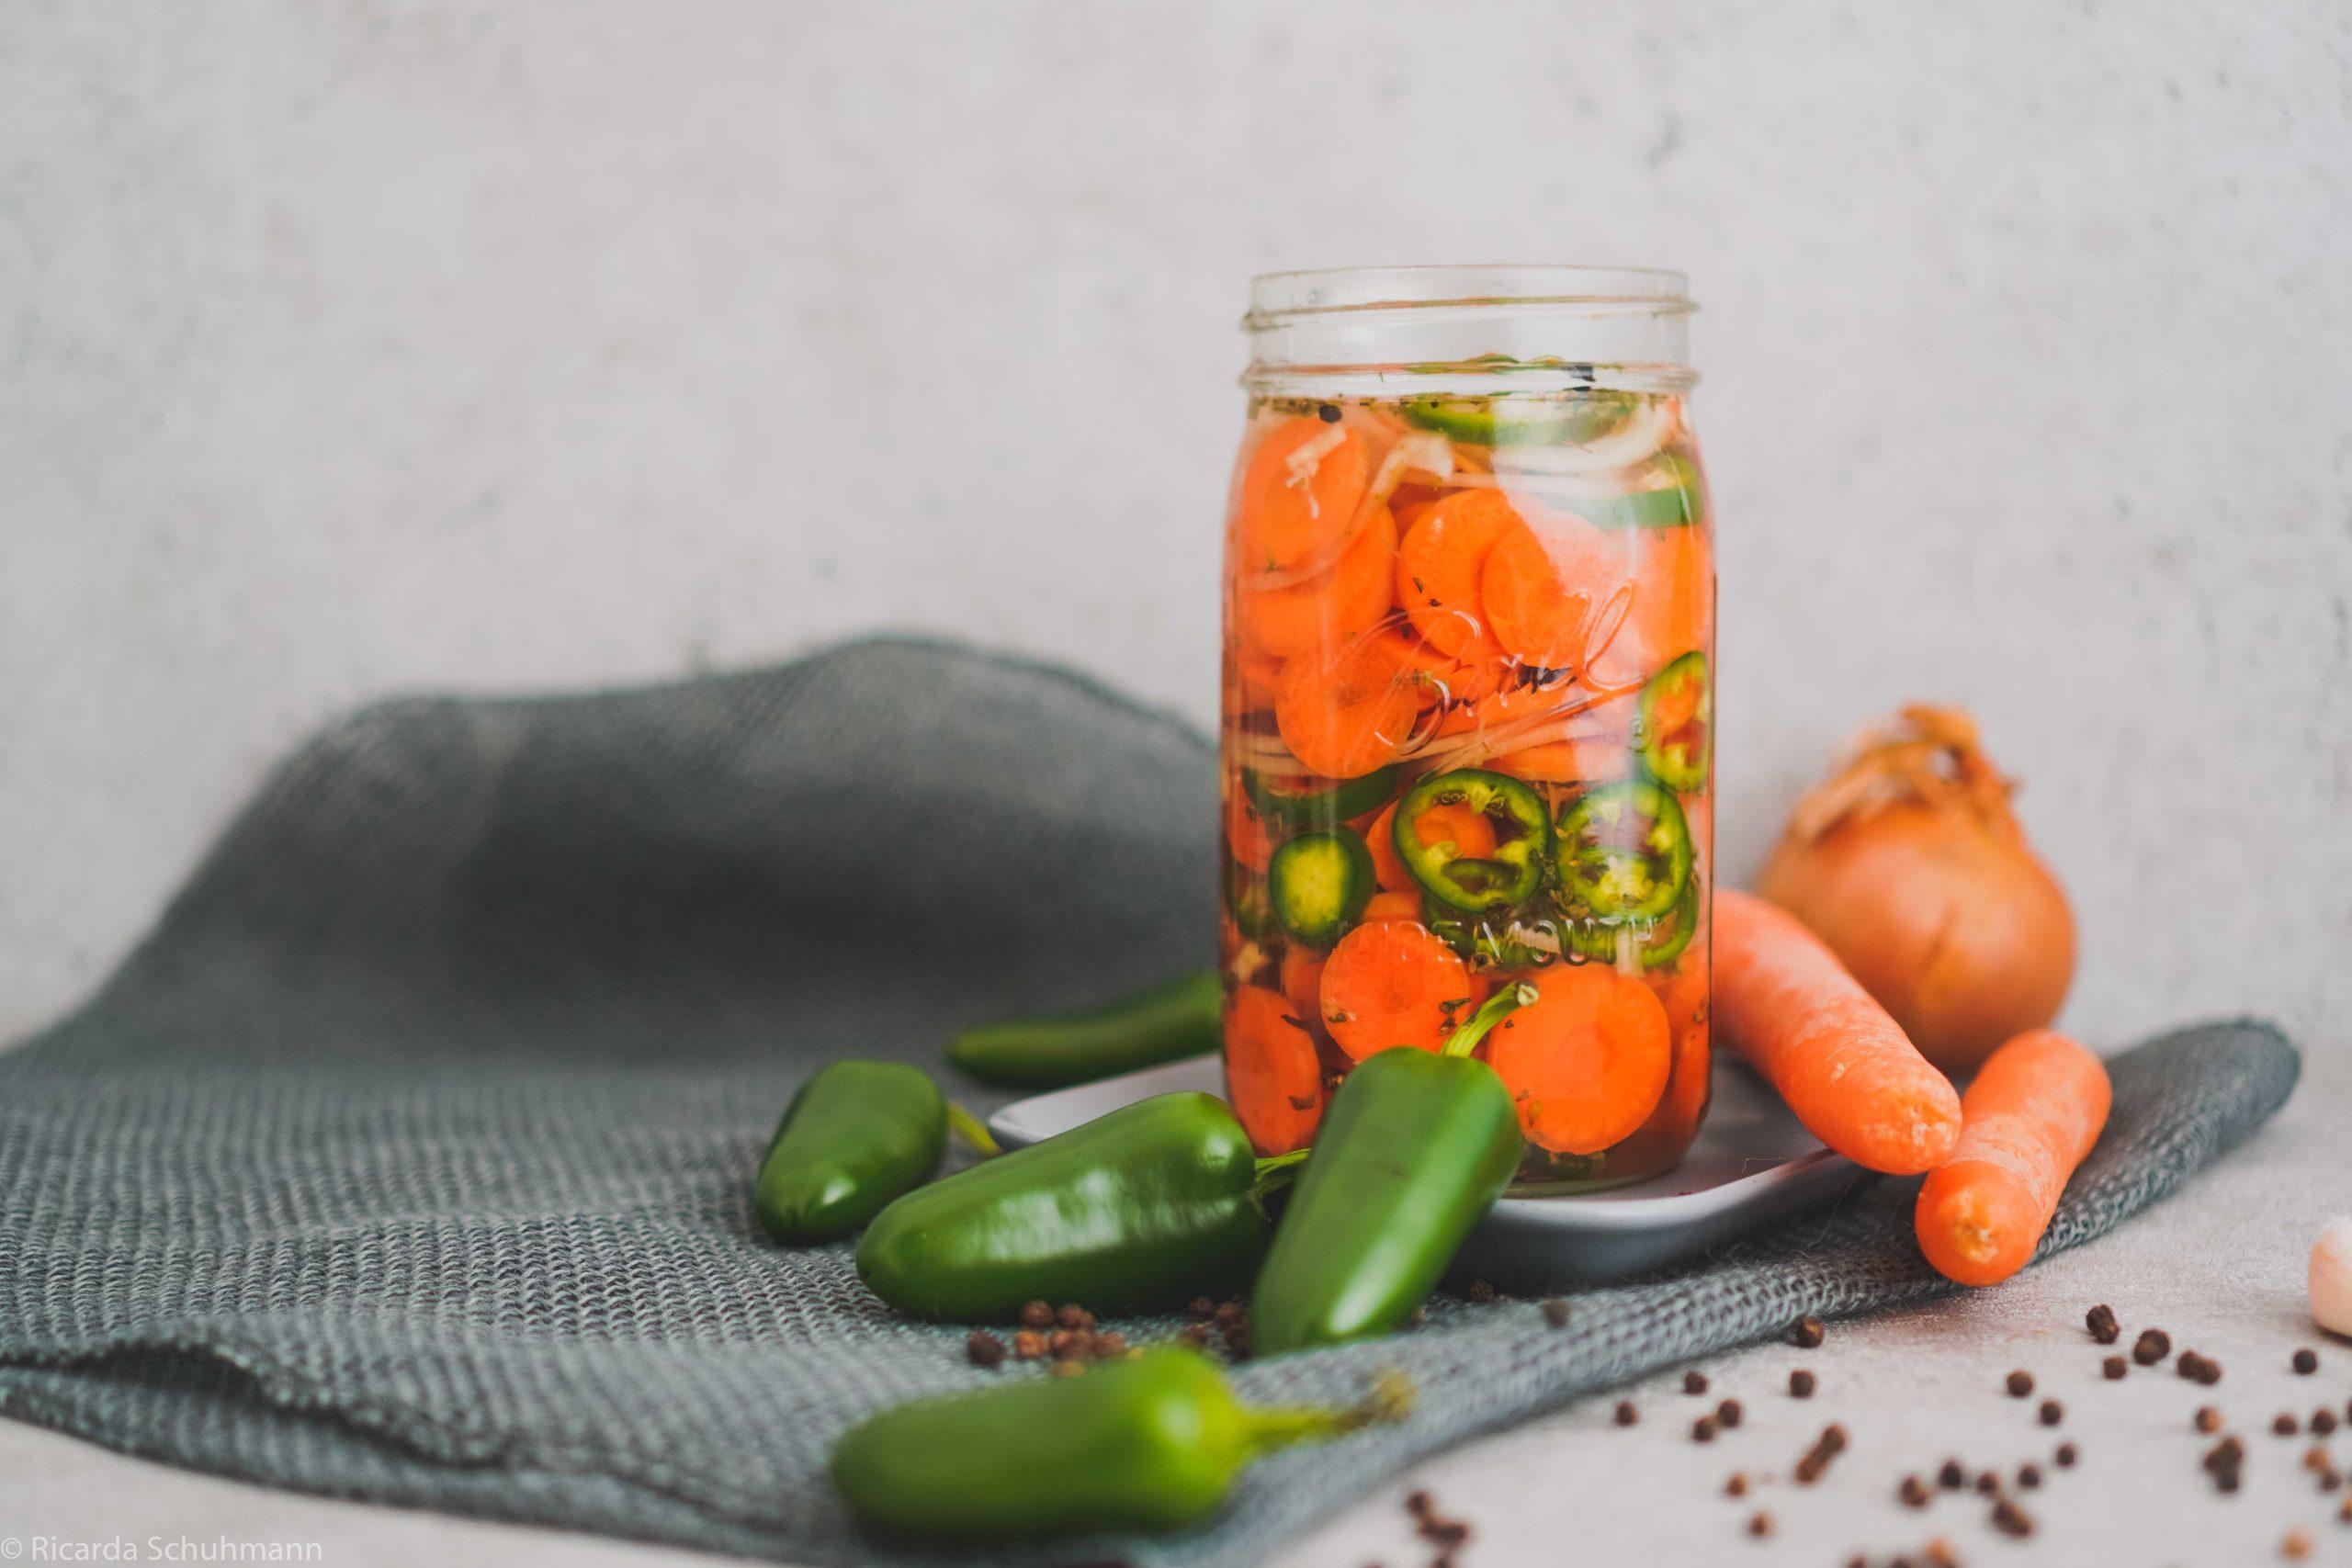 Würziger Karotten-Jalapeno-Mix 4 Wochen fermentiert